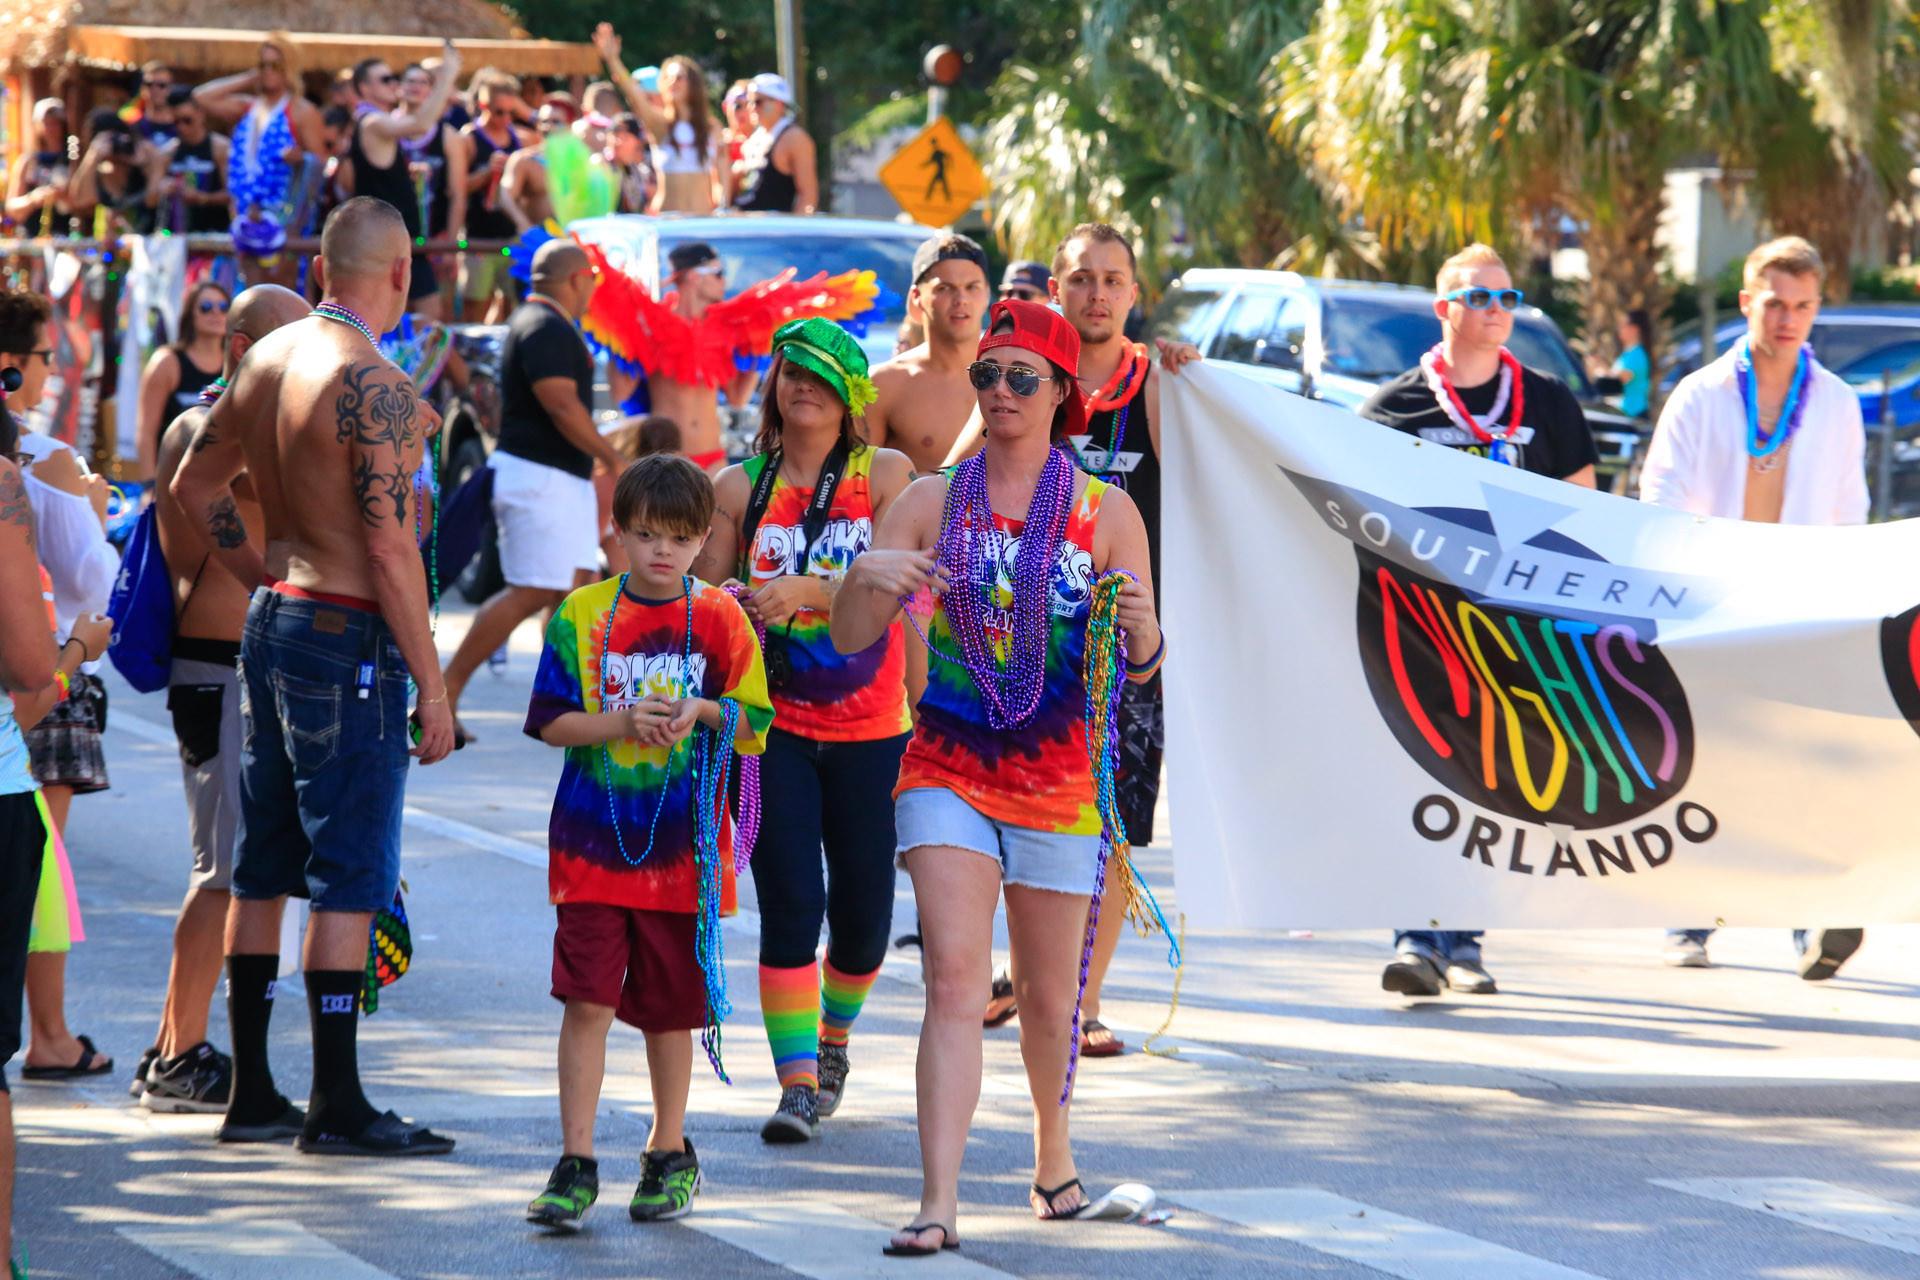 Orlando gay pride parade